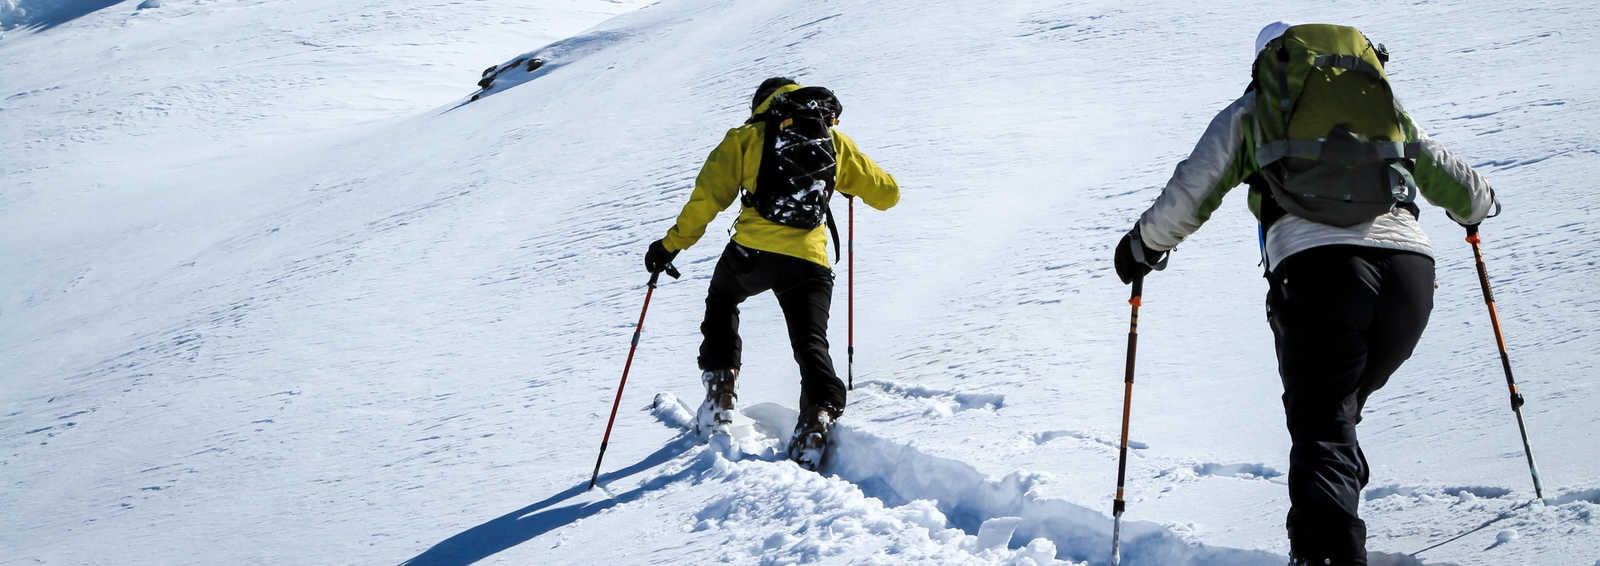 Cross country skiing, Switzerland